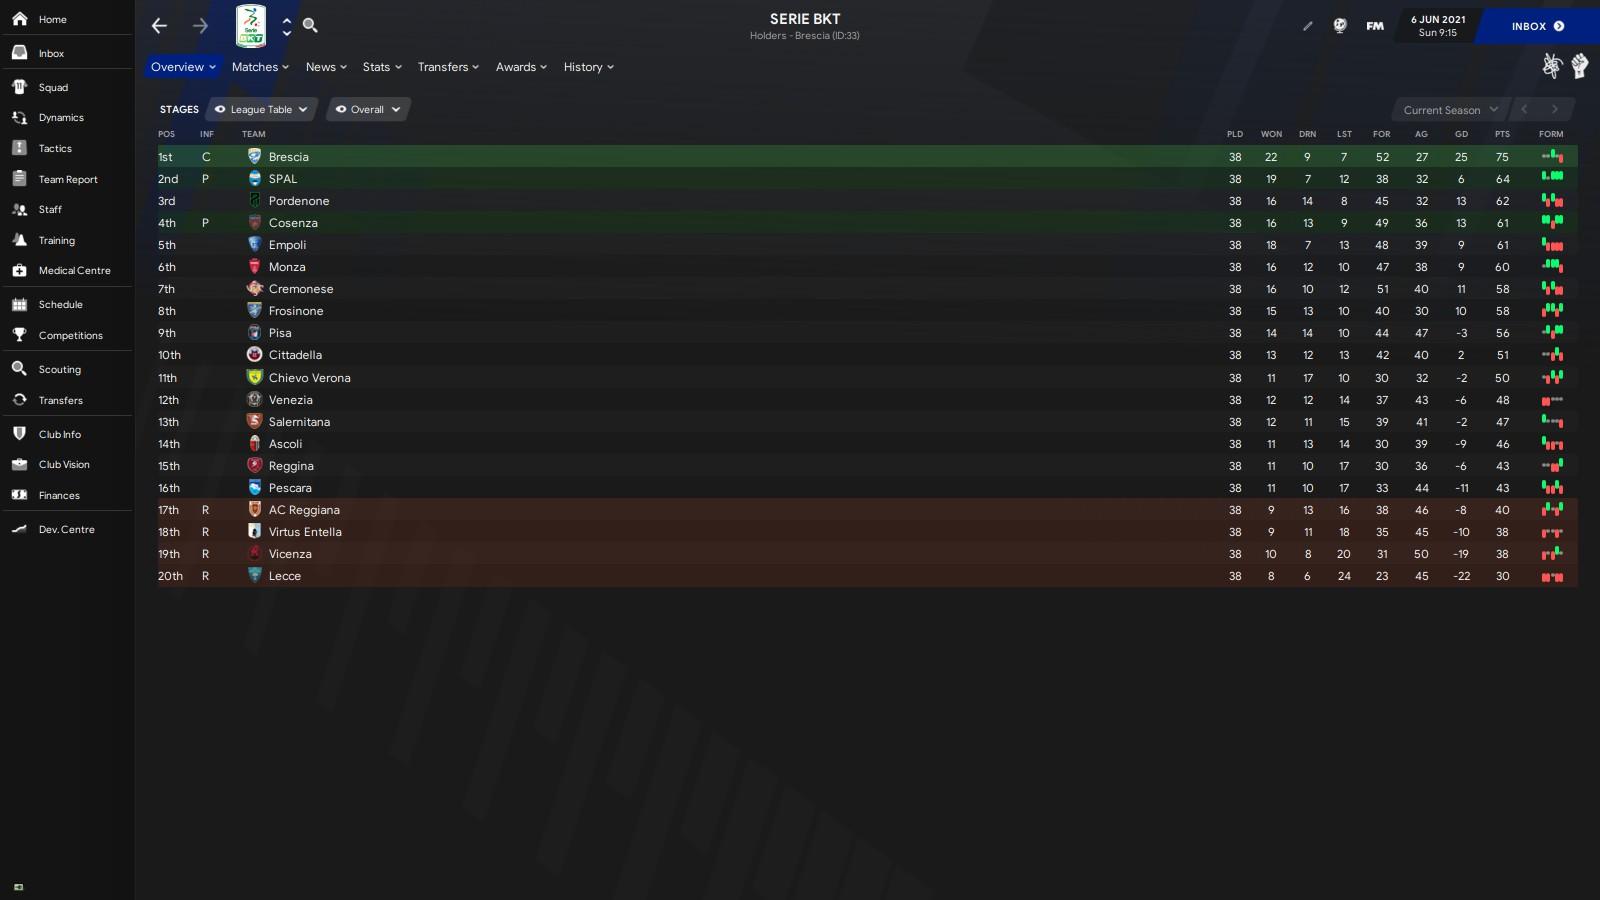 Serie B 20-21.jpg